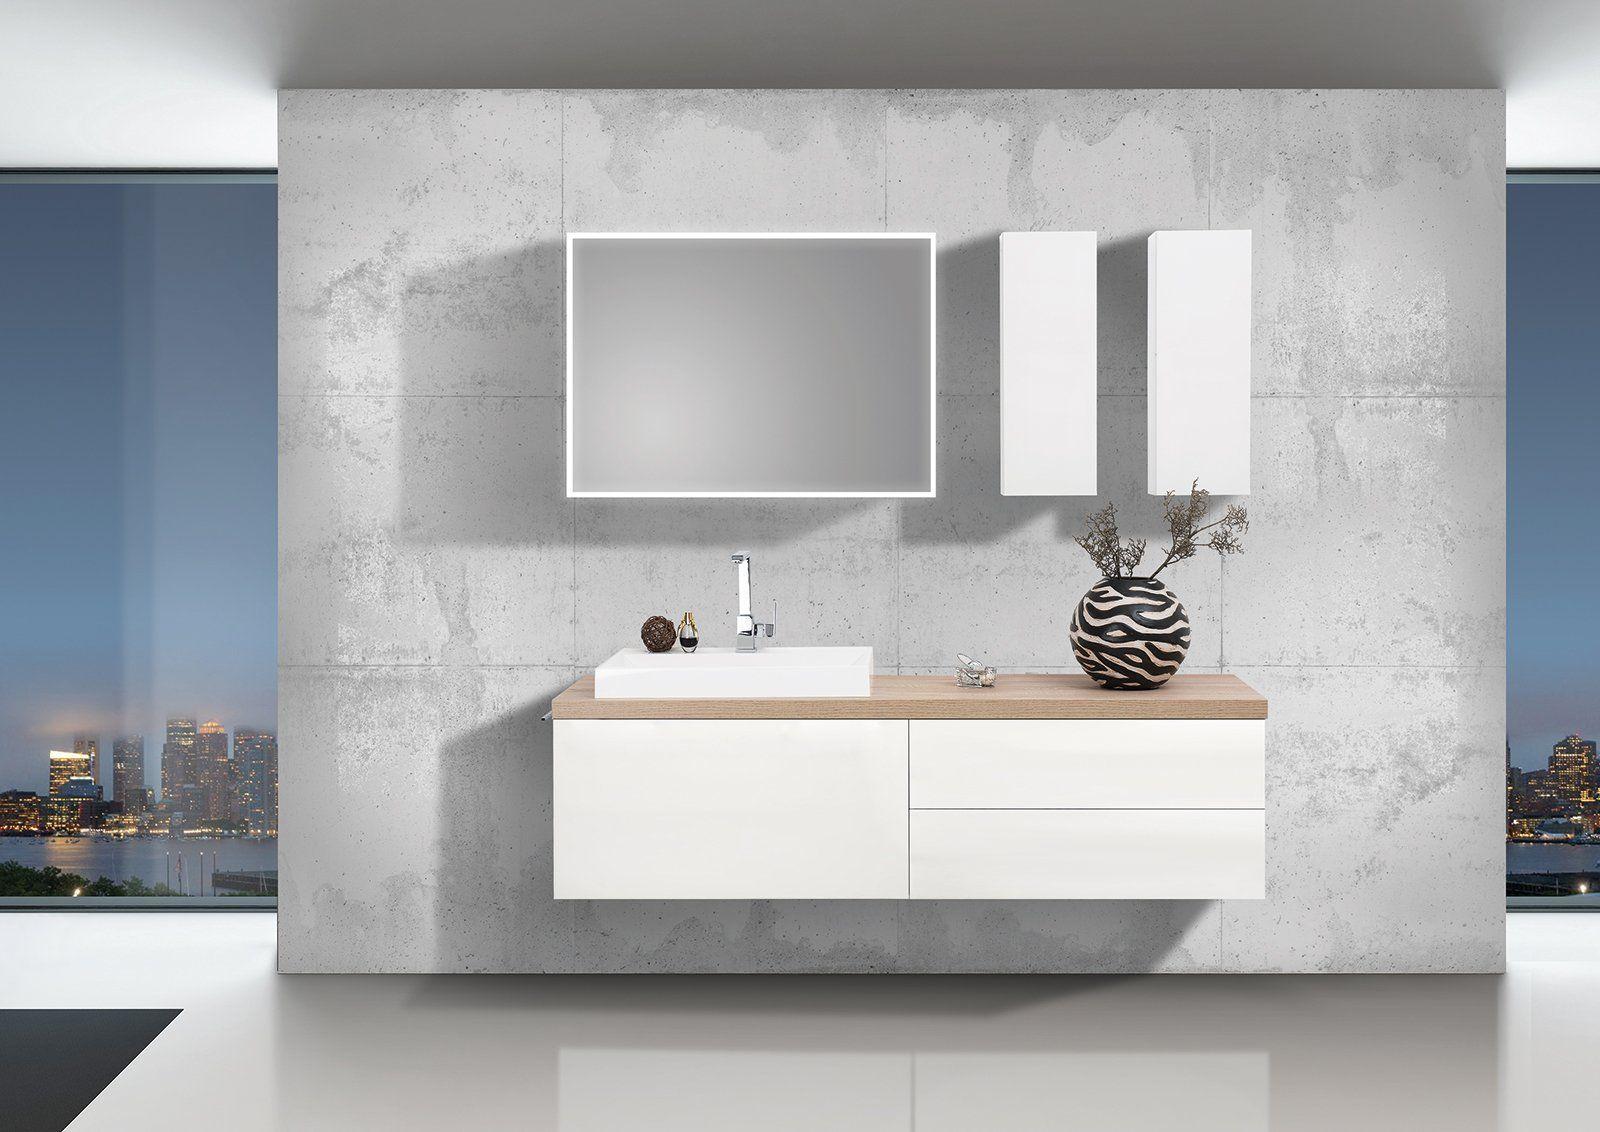 Badezimmer eitelkeiten 60 einzel waschbecken design badmöbel set luxor grifflos cm  waschtischplatte nach maß